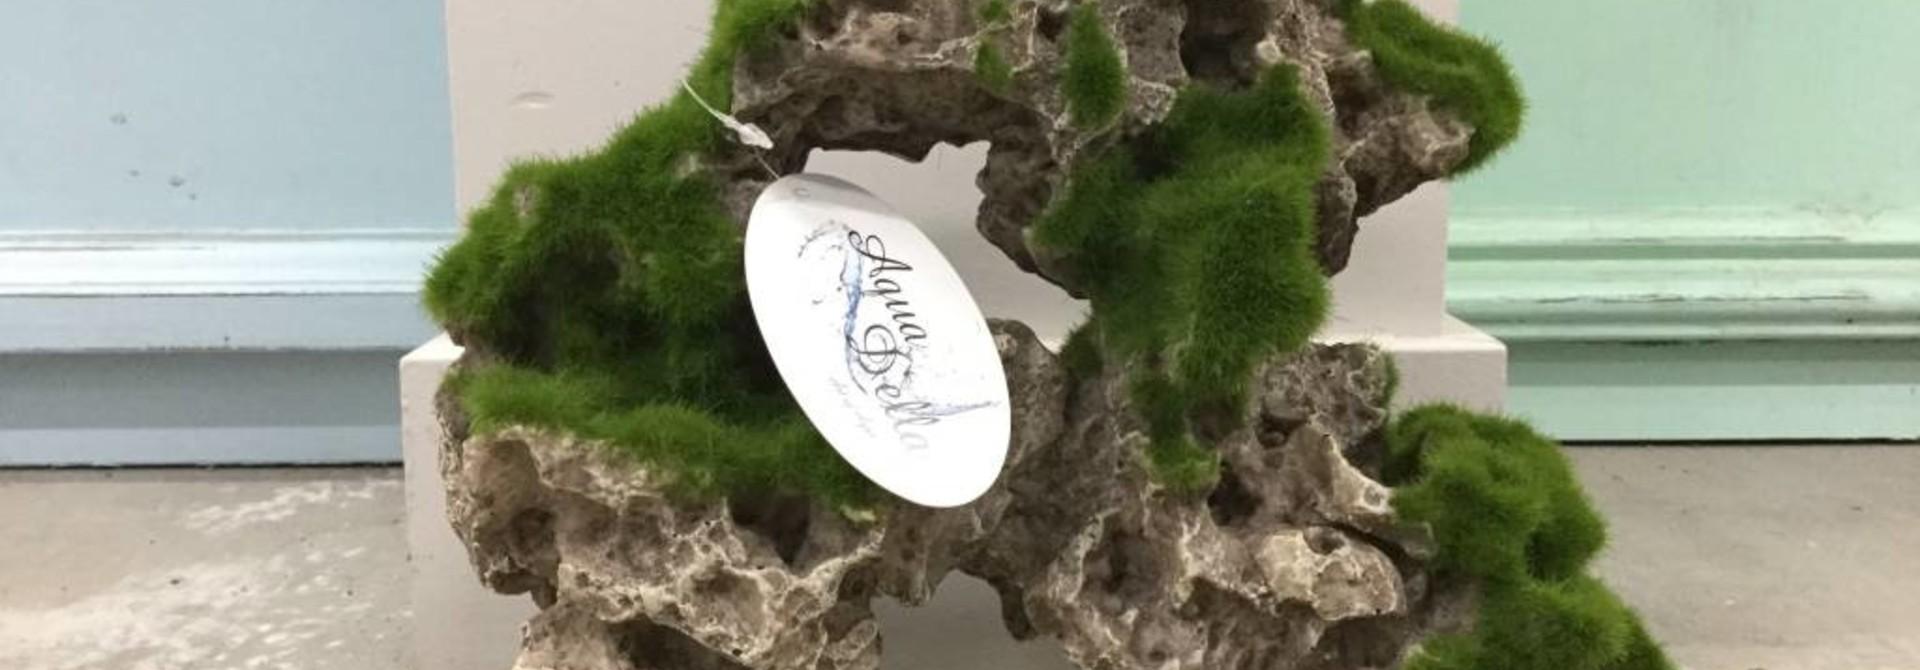 Aqua Della Moss Rock L